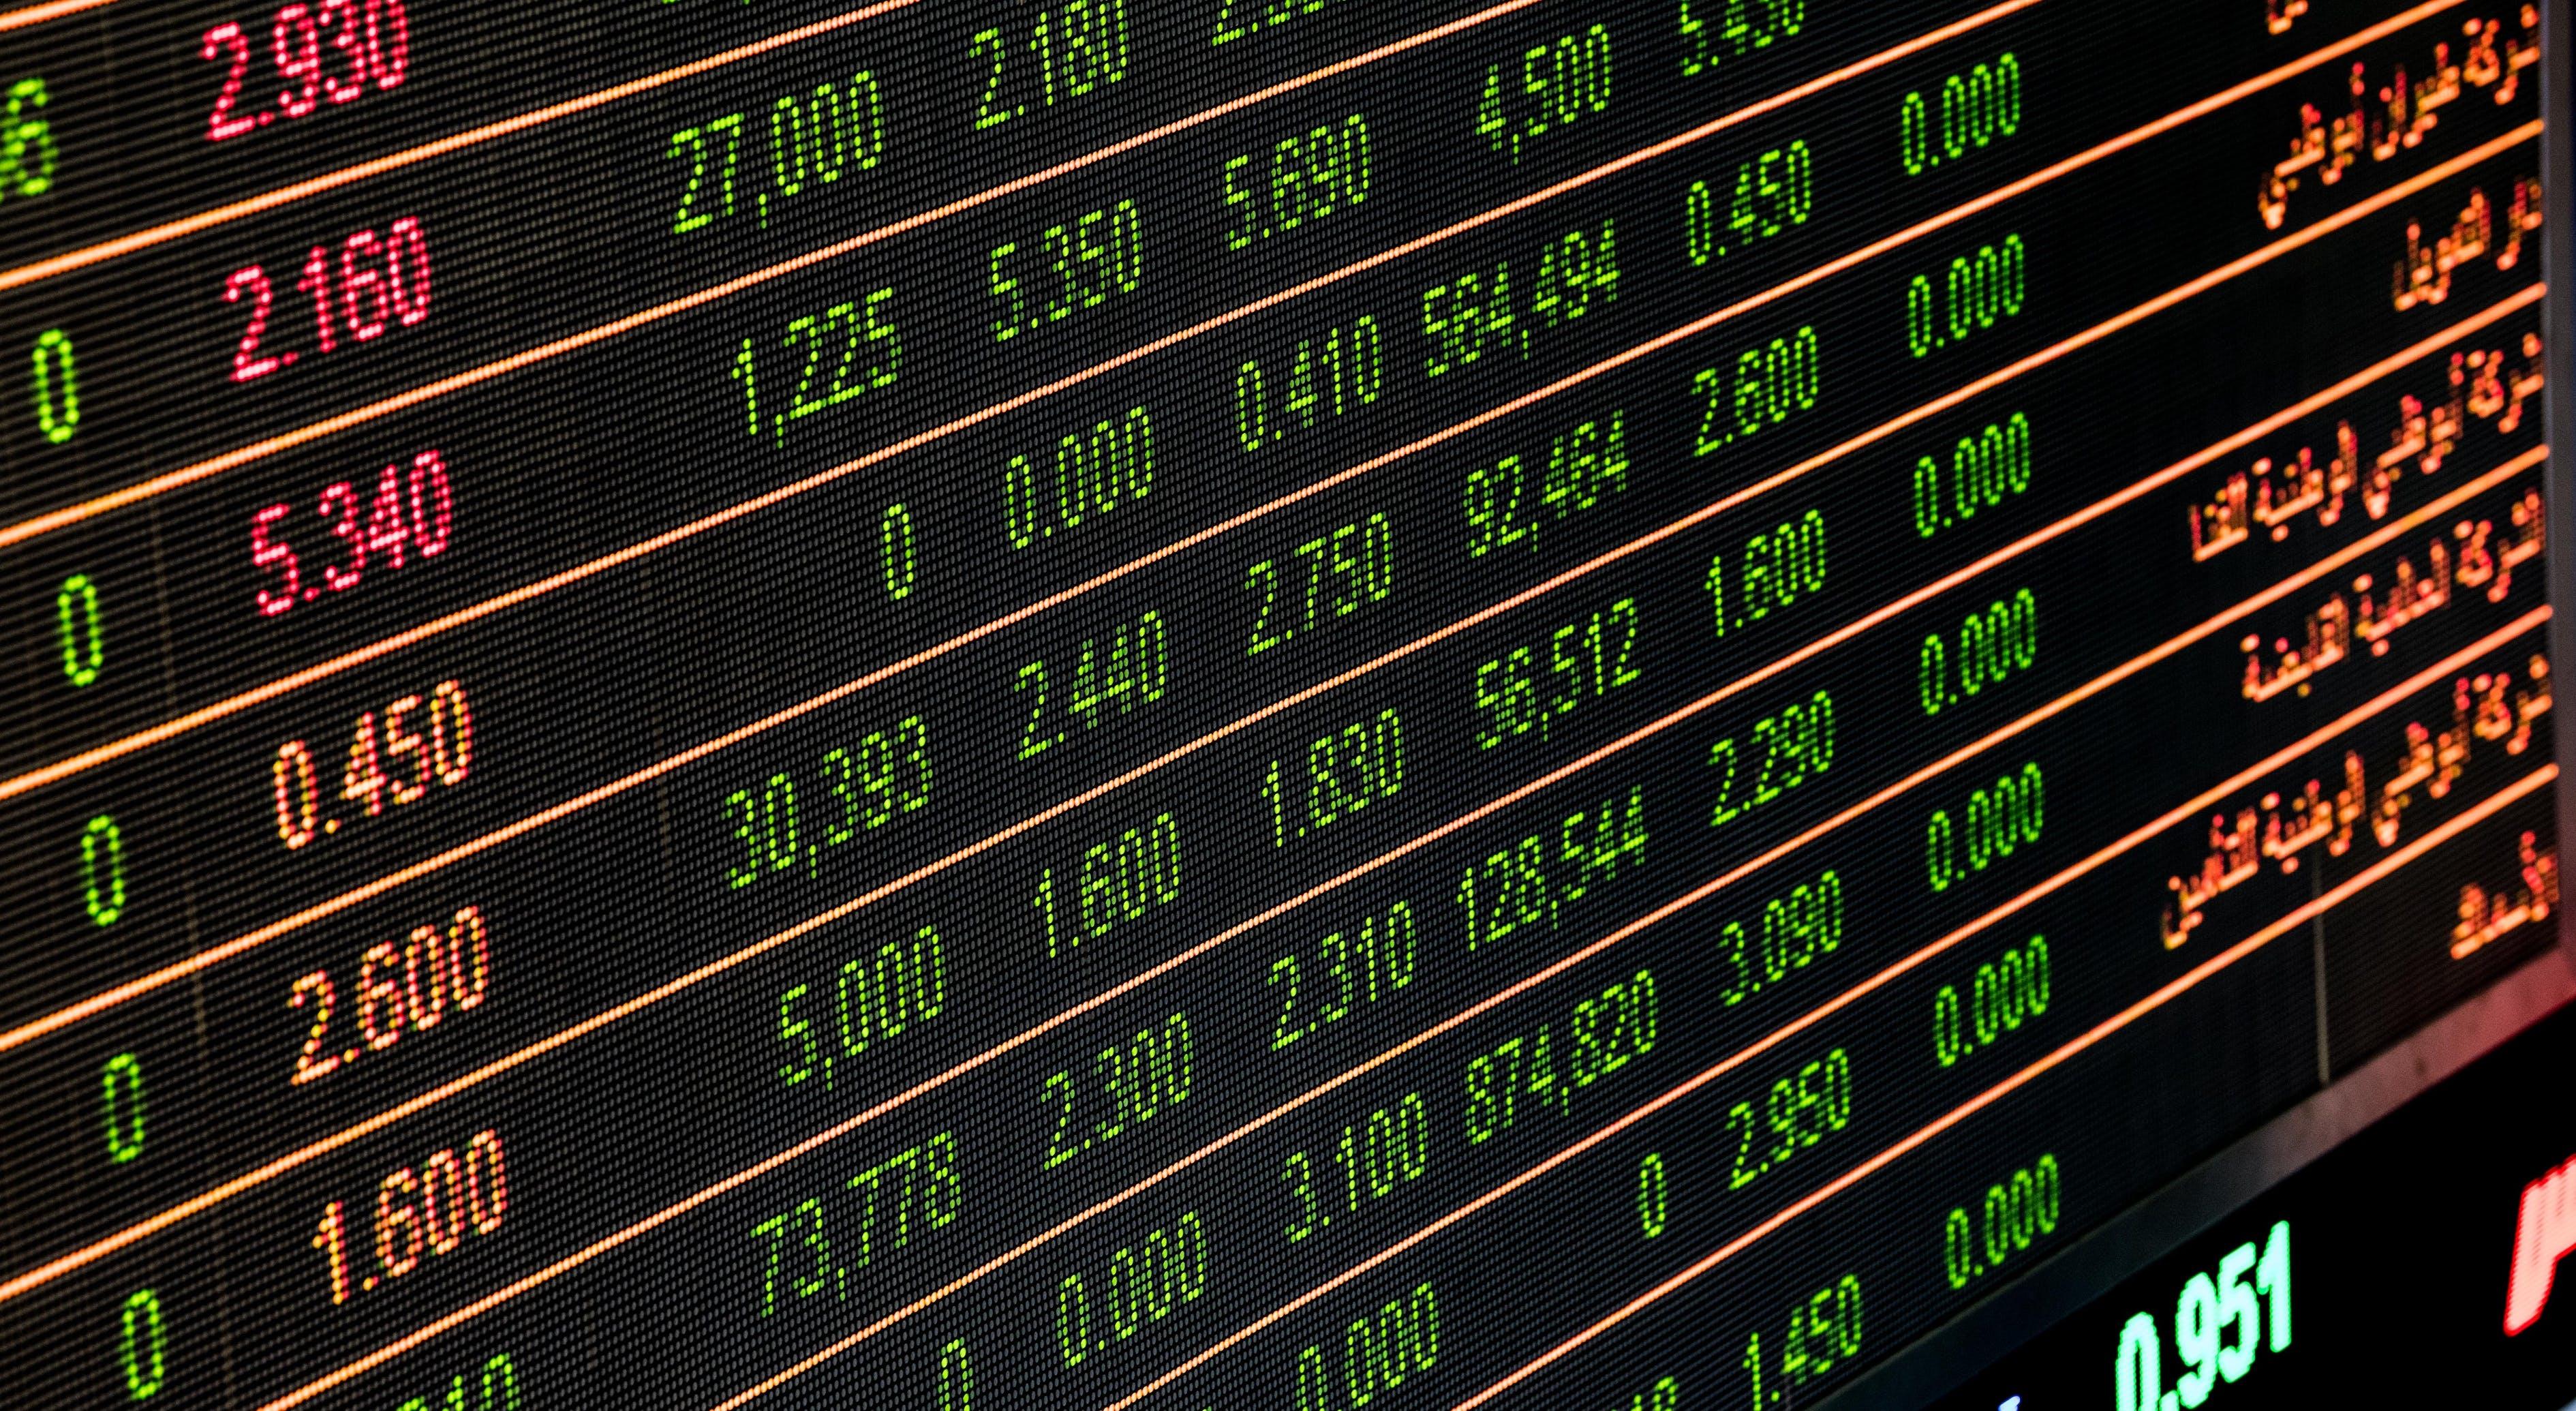 美股周二:跟谁学涨近14% 知乎涨逾4%